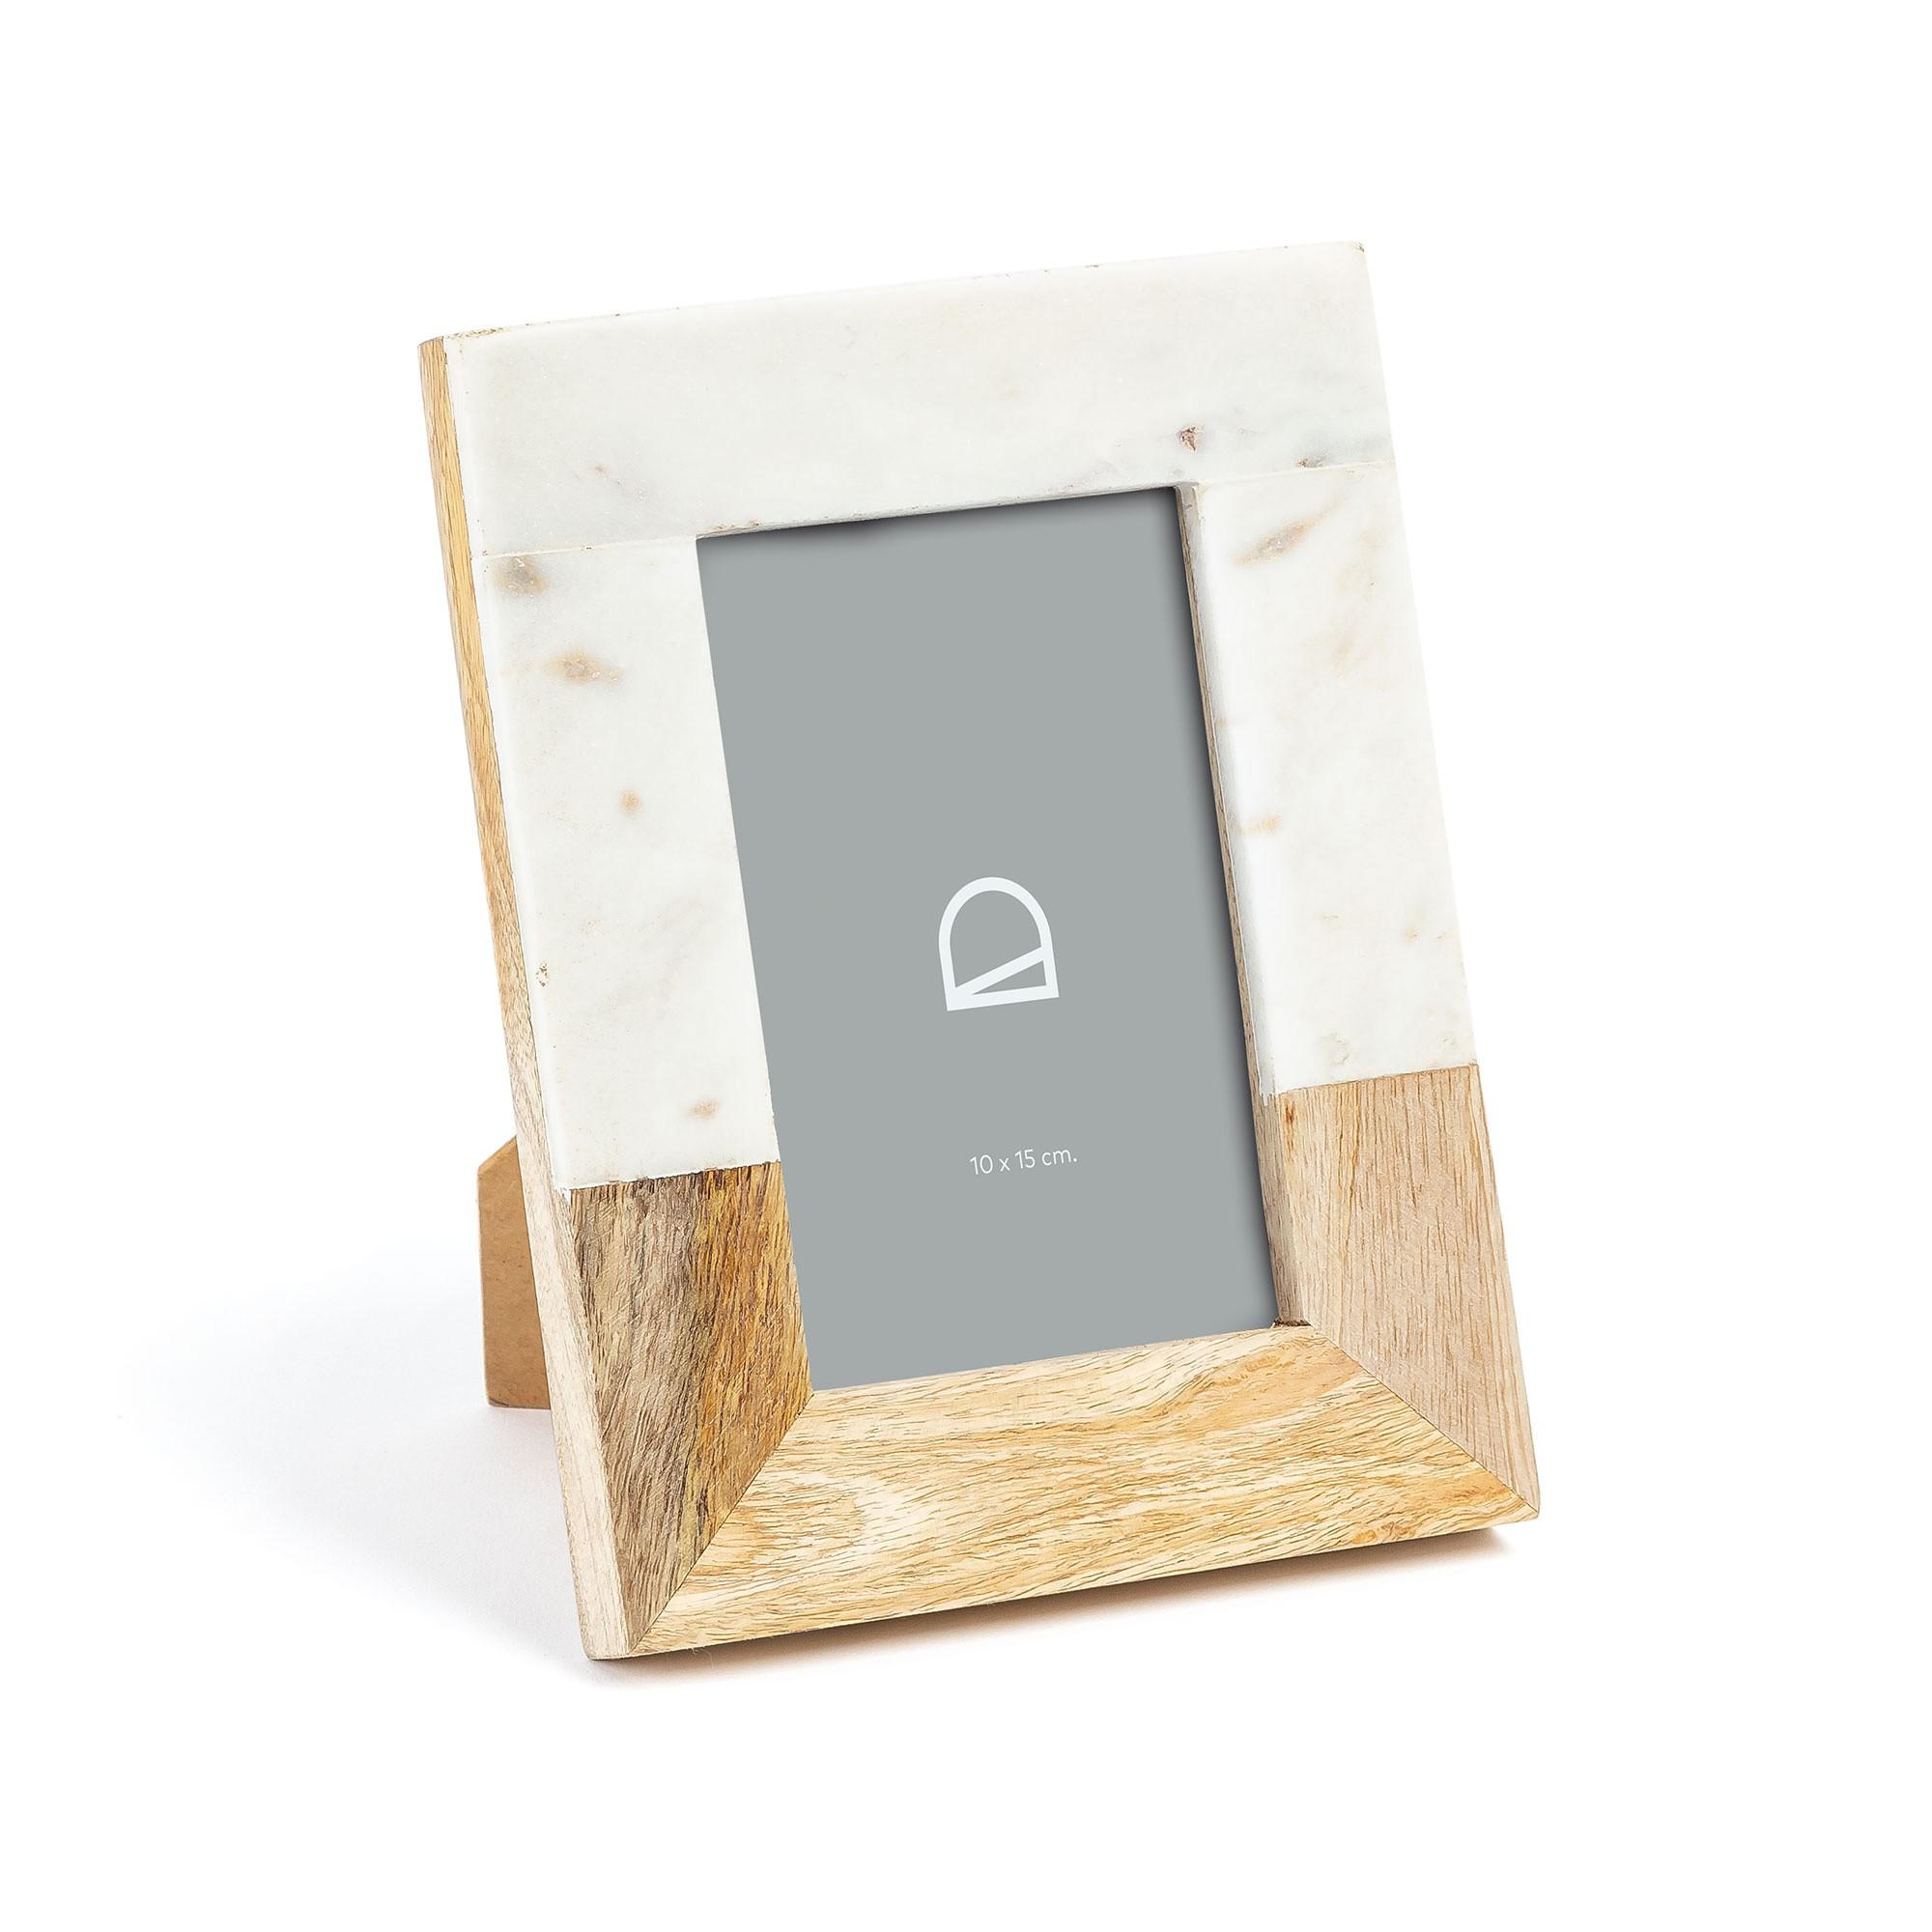 Kamran Marble & Timber Photo Frame, 4x6